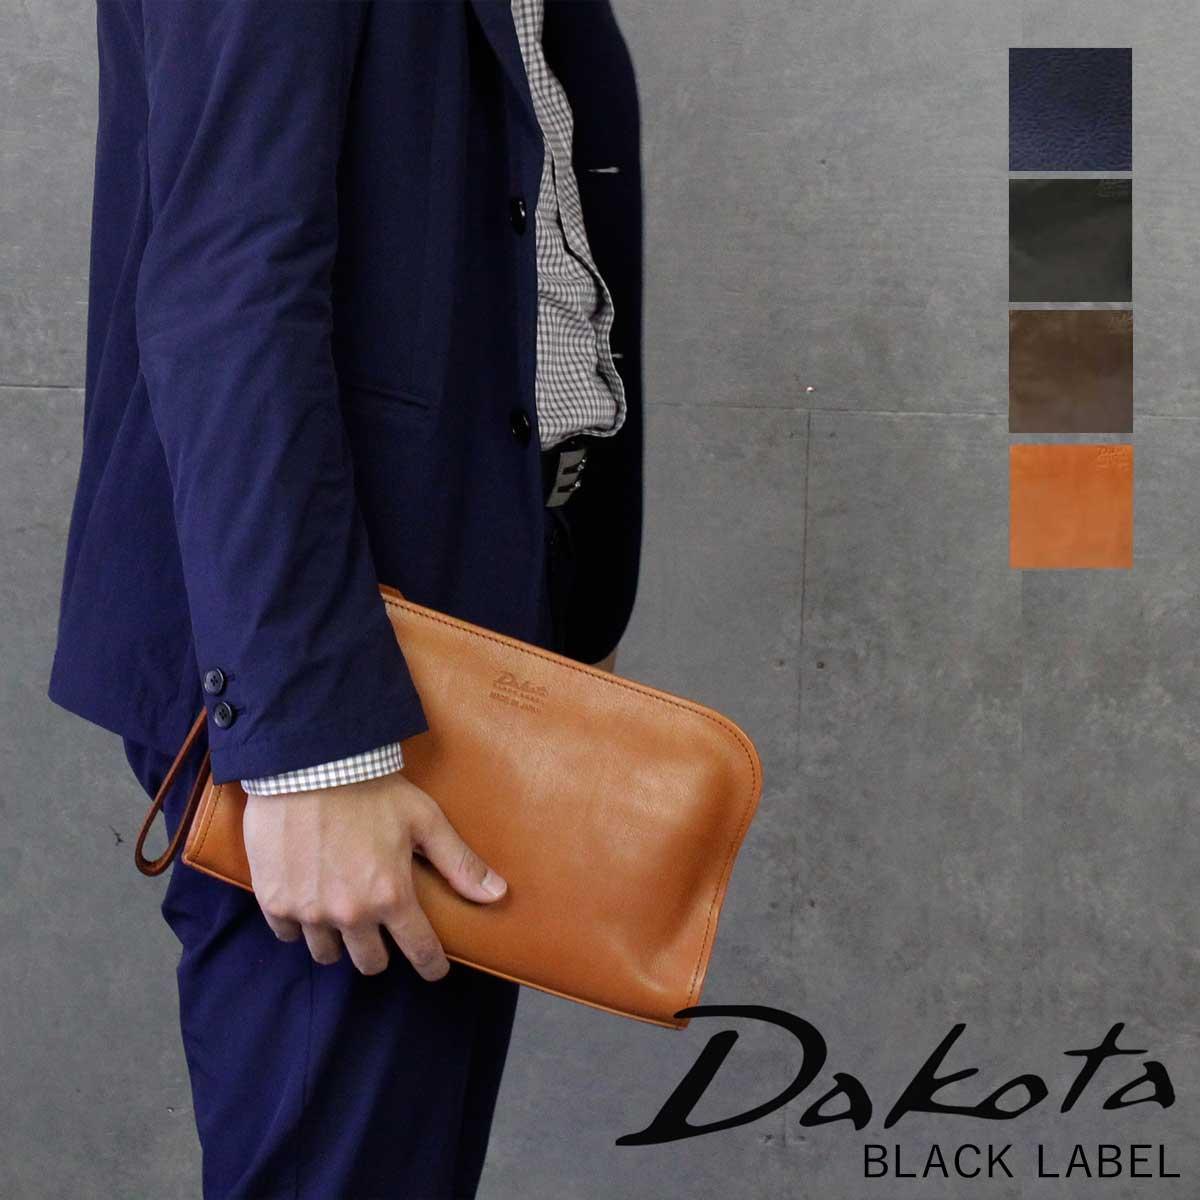 【メッセージカード・ラッピング無料】【選べるノベルティ大好評】クラッチバッグ Dakota BLACK LABEL ダコタブラックレーベル アクソリオ ユーティリティバッグ 0637638